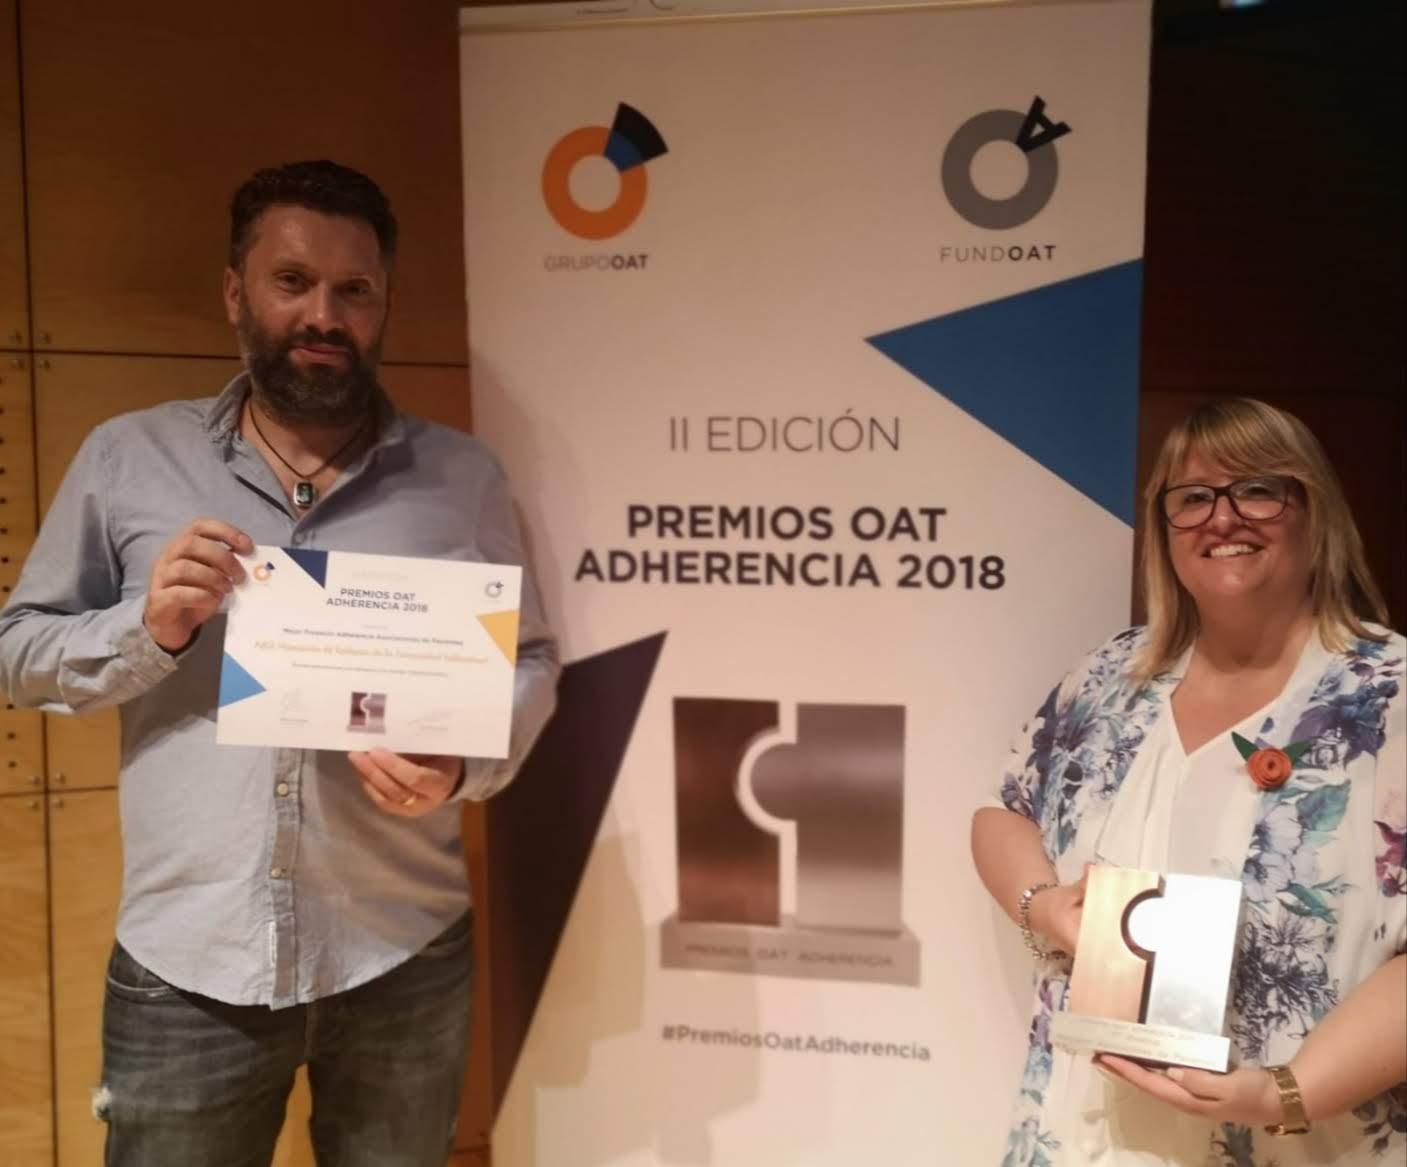 ALCE, Asociación de Epilepsia de la Comunidad Valenciana galadornada en los  II Premios OAT Adherencia